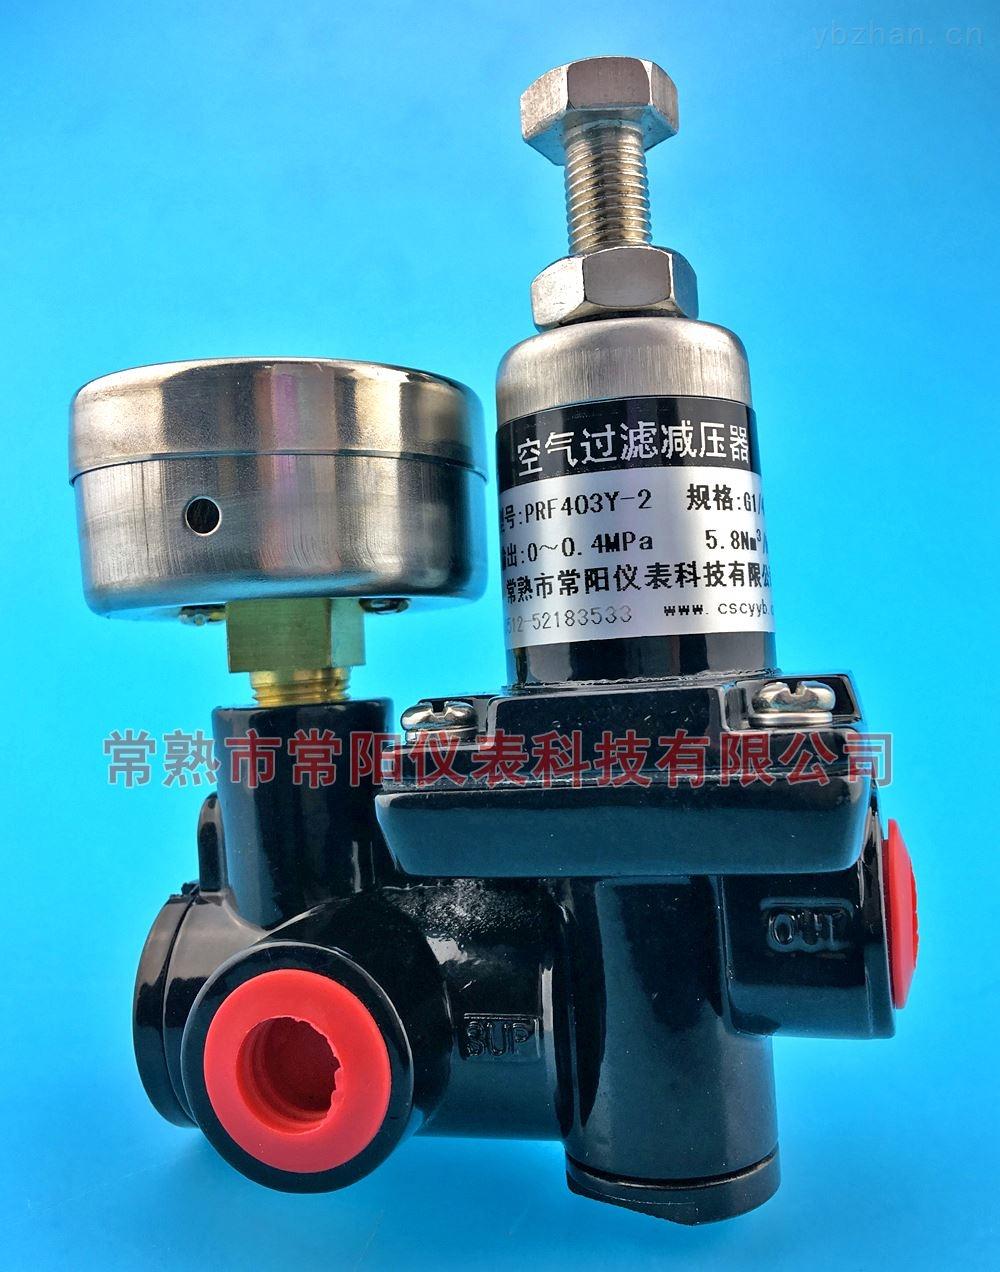 PRF403-02空气过滤减压器